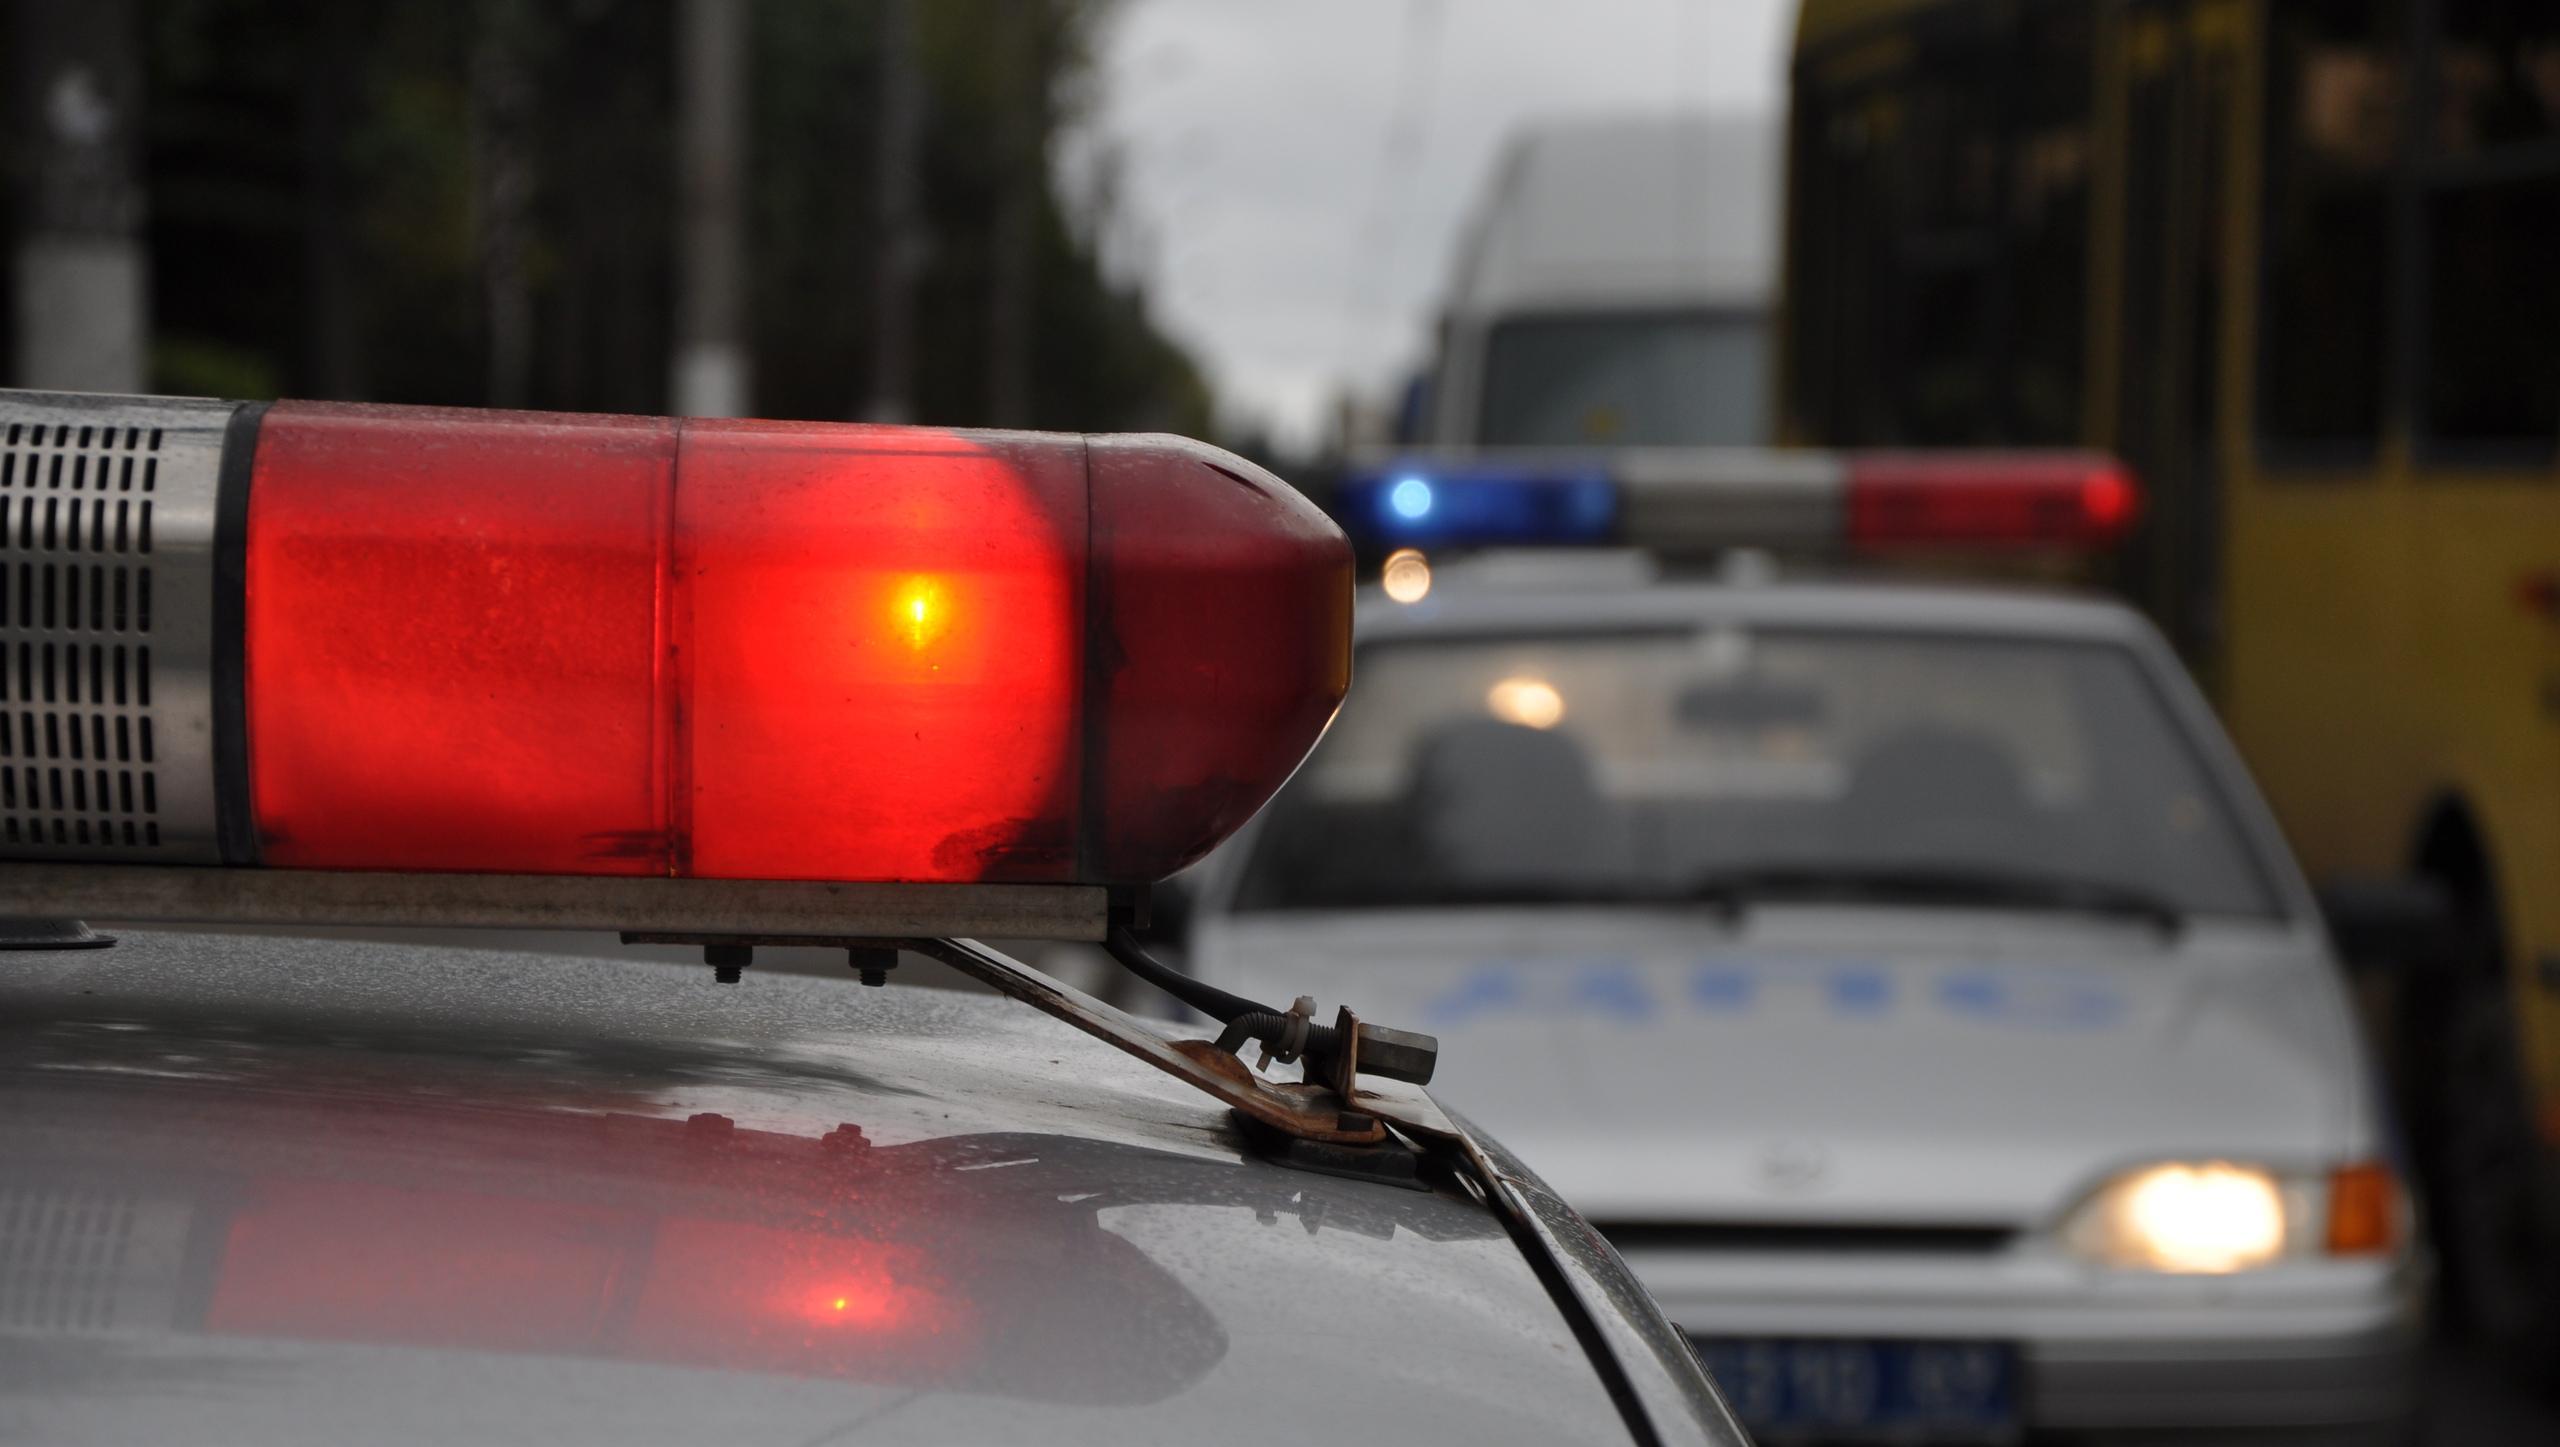 В Твери при столкновении двух авто травмы получили оба водителя